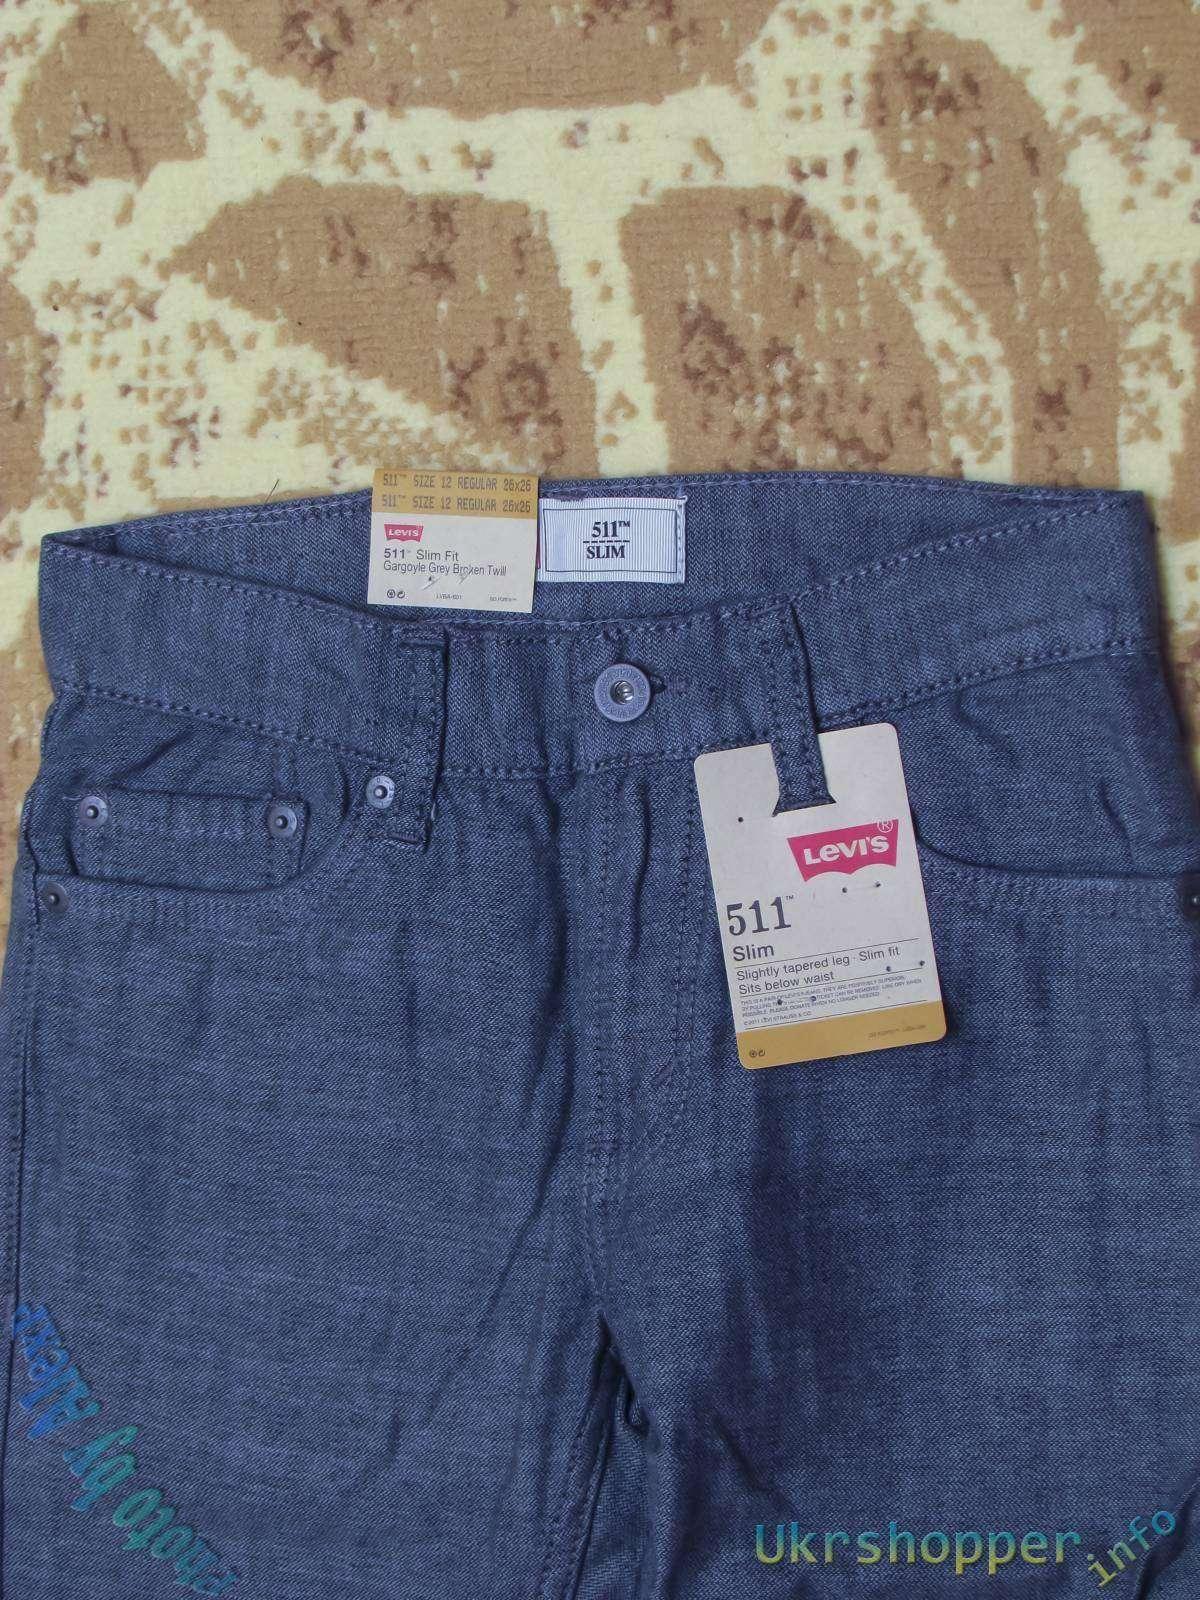 Другие - США: Небольшой обзор детских спортивных штанов и джинс